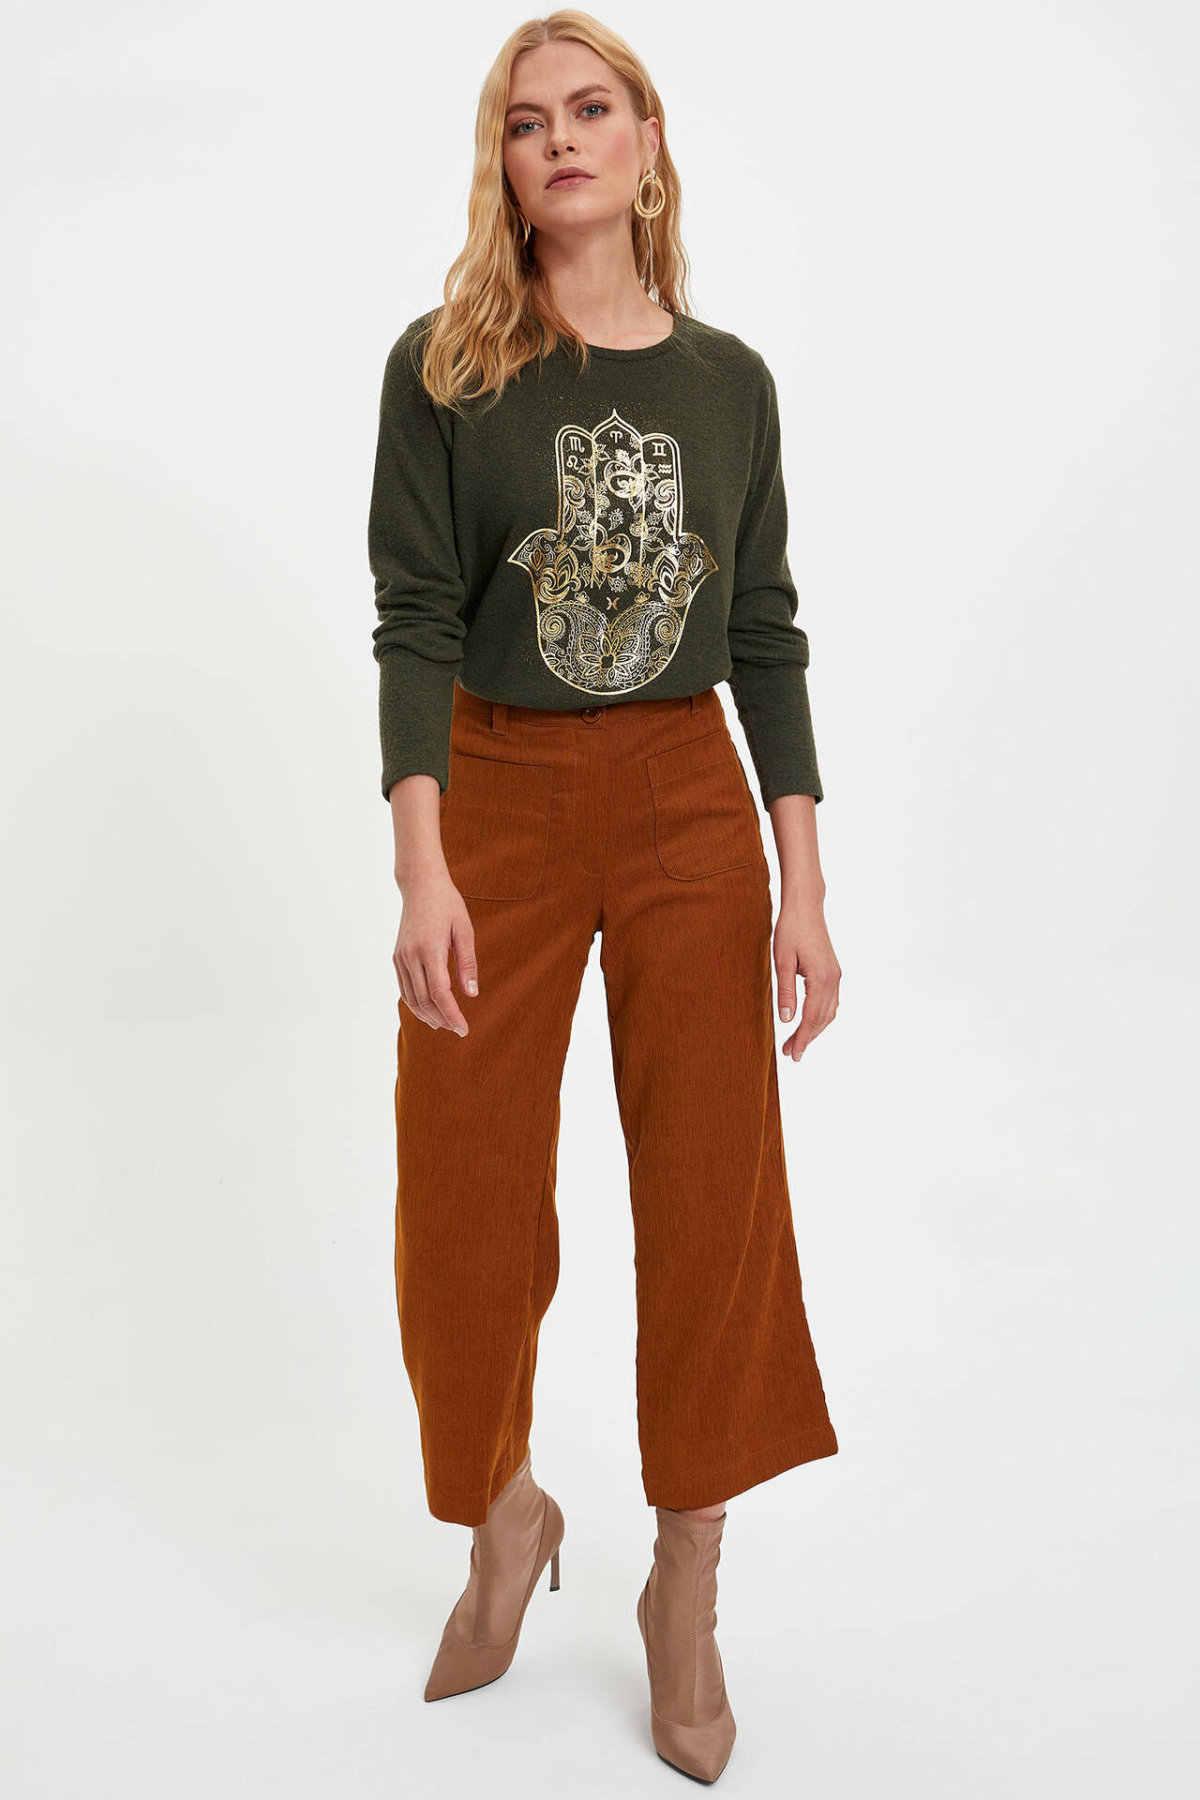 DeFacto sonbahar kadın moda o-boyun örme üstleri kadın uzun kollu karikatür desen bol tişört bayan giyim-M5427AZ19WN